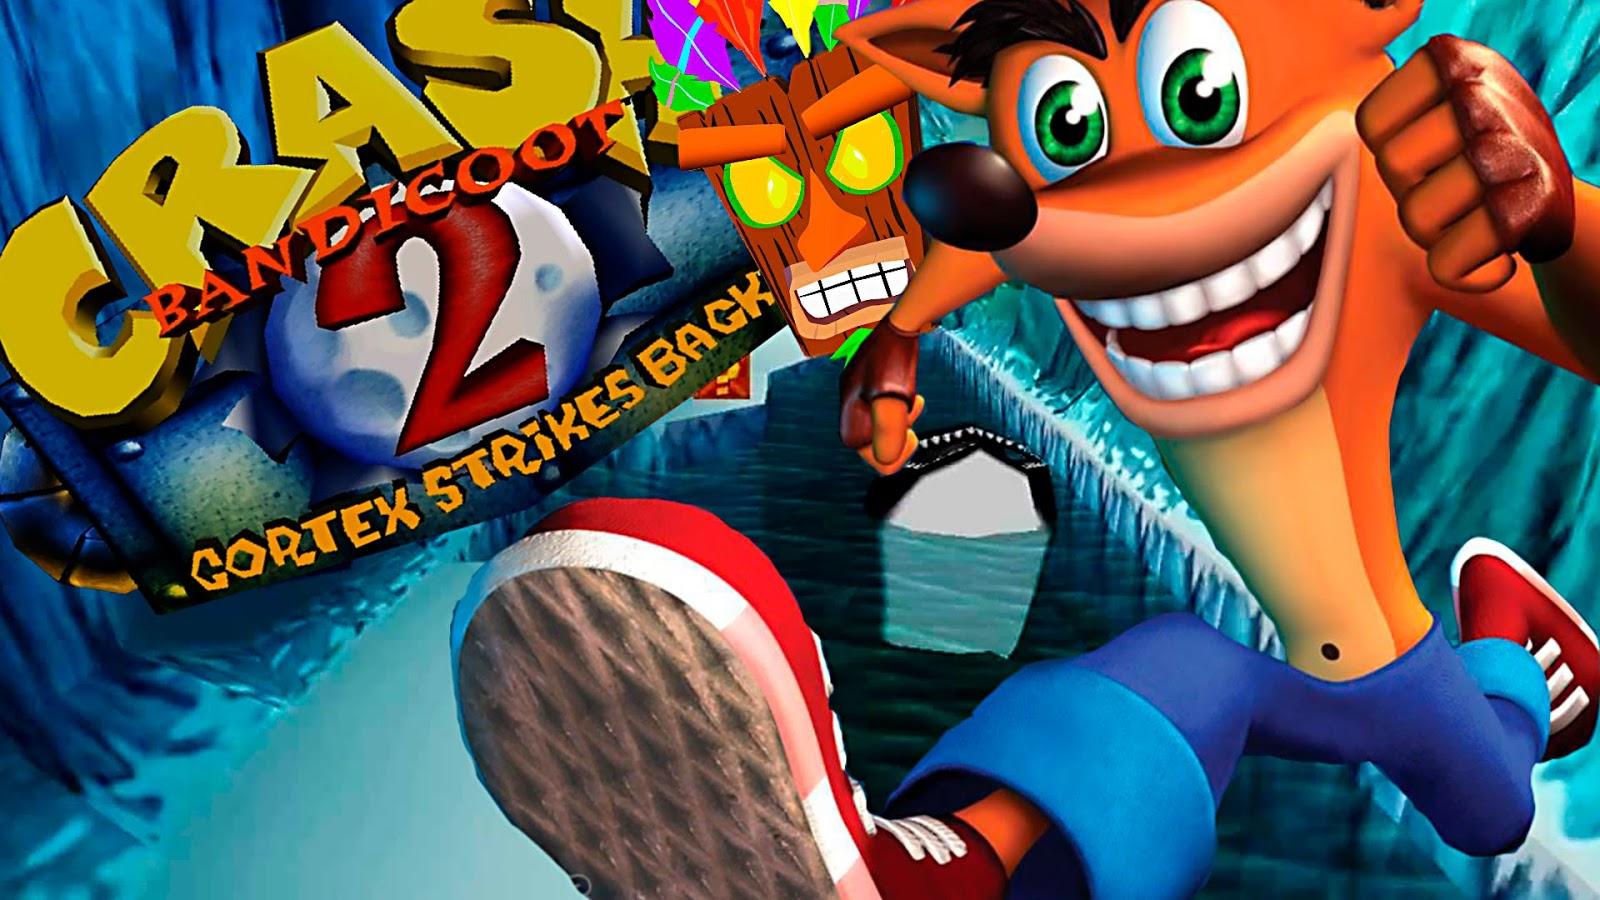 تحميل لعبة كراش الجزء الثاني - Crash Bandicoot 2